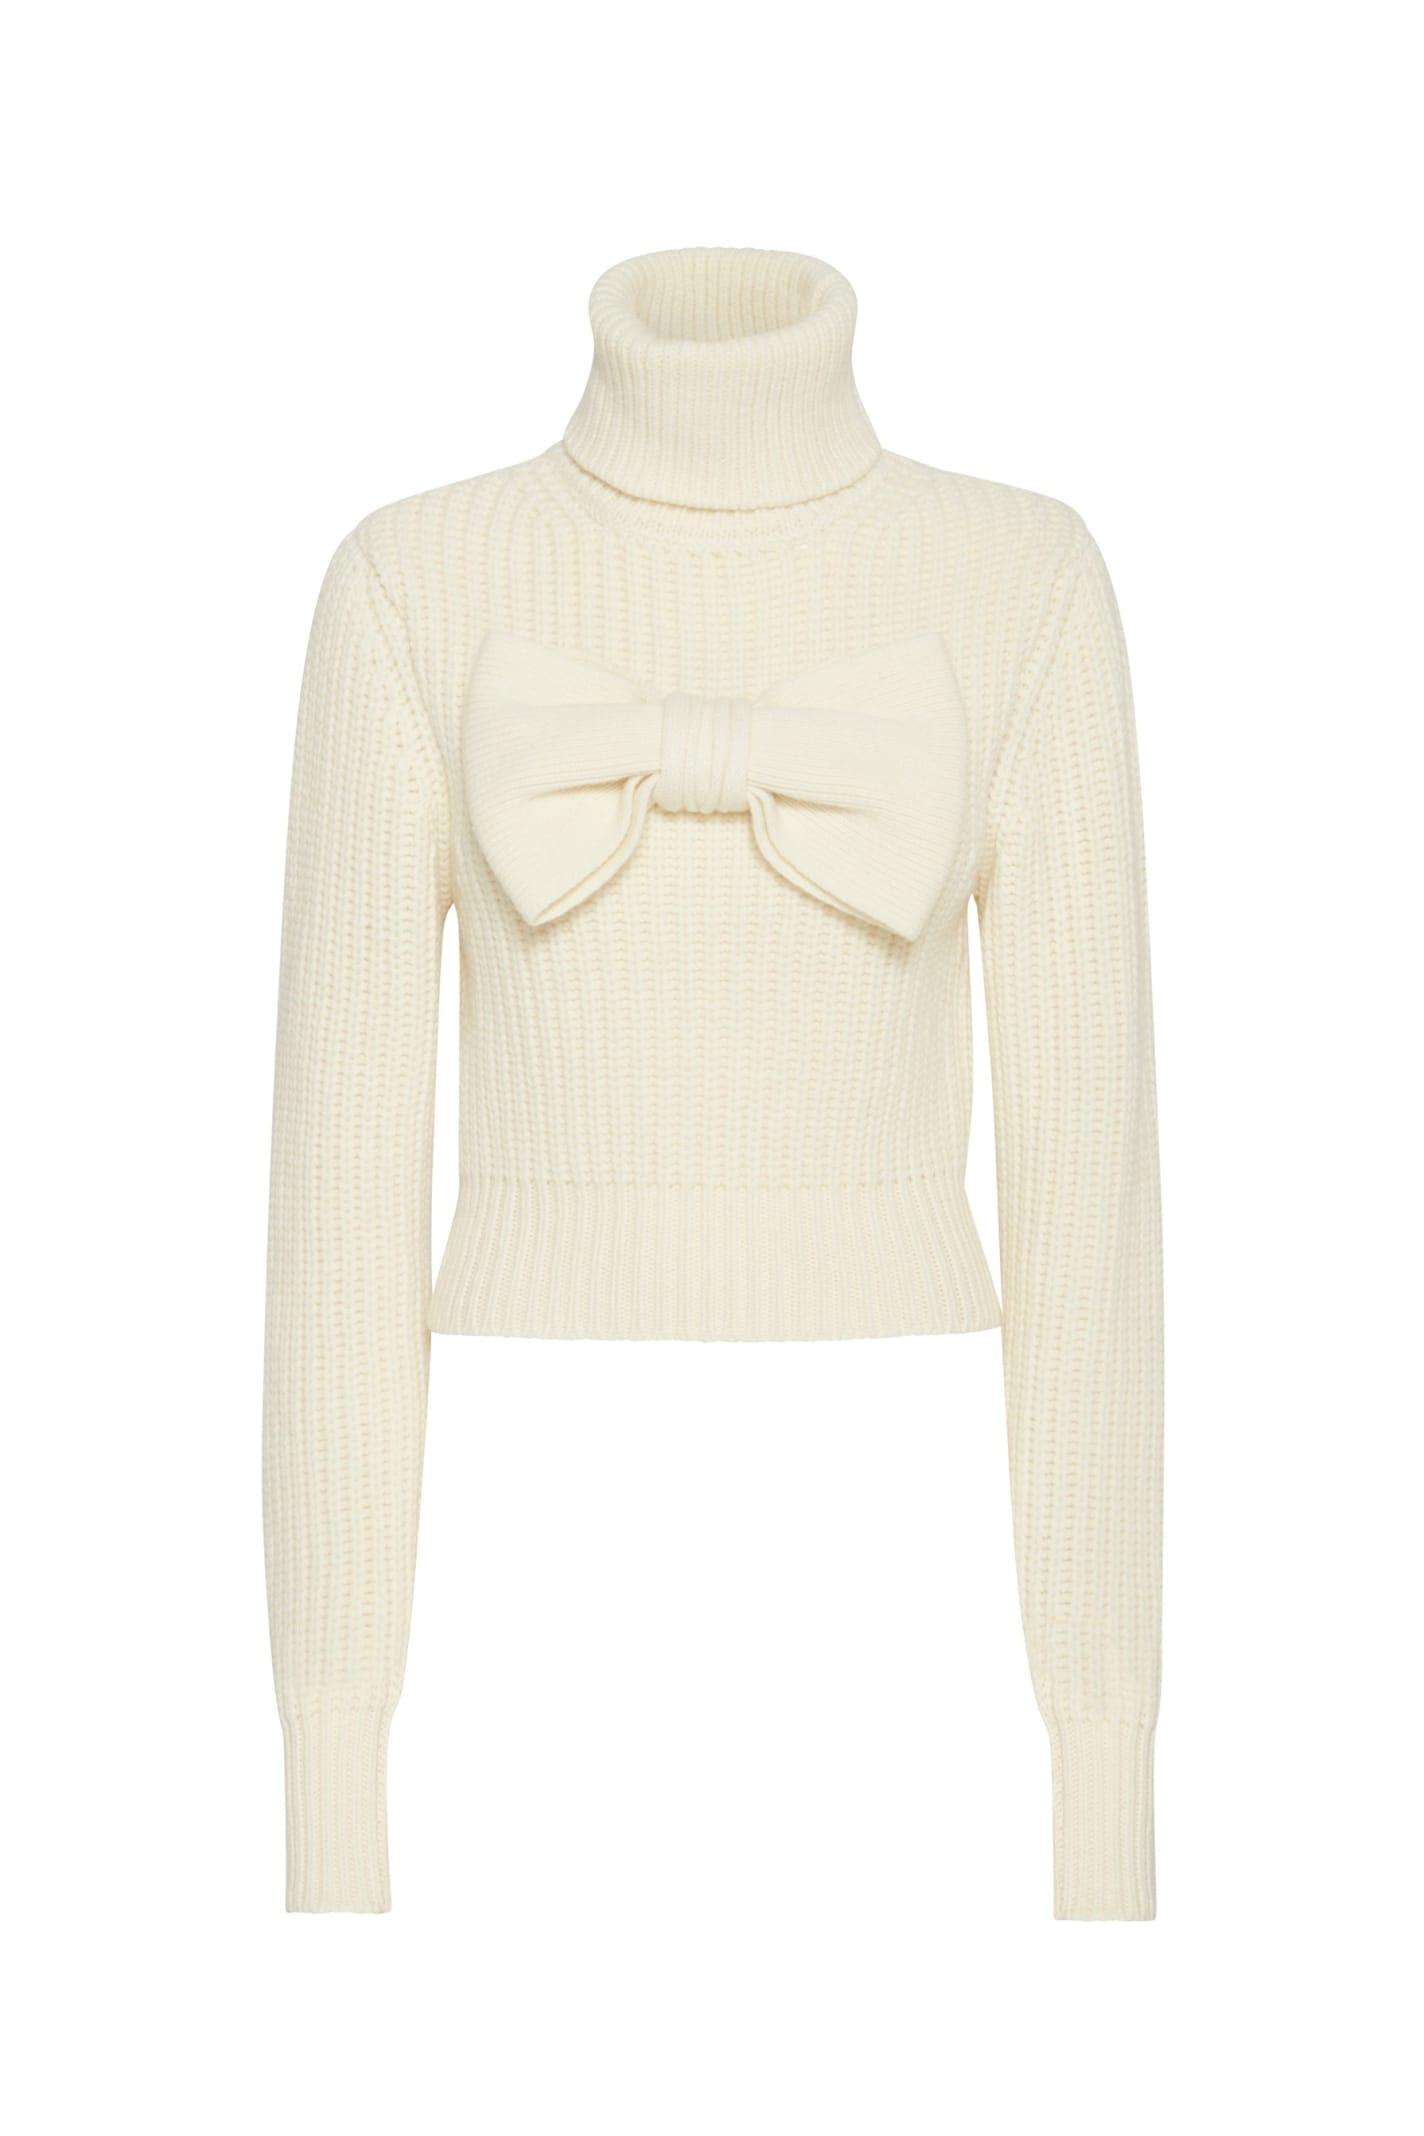 Cortina Sweather In White Wool